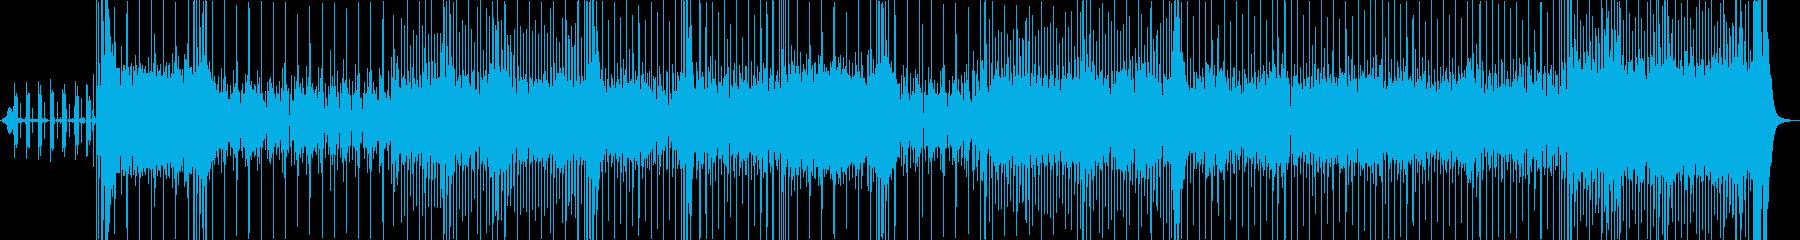 ポップ。ワルツ。気まずい歌の。の再生済みの波形